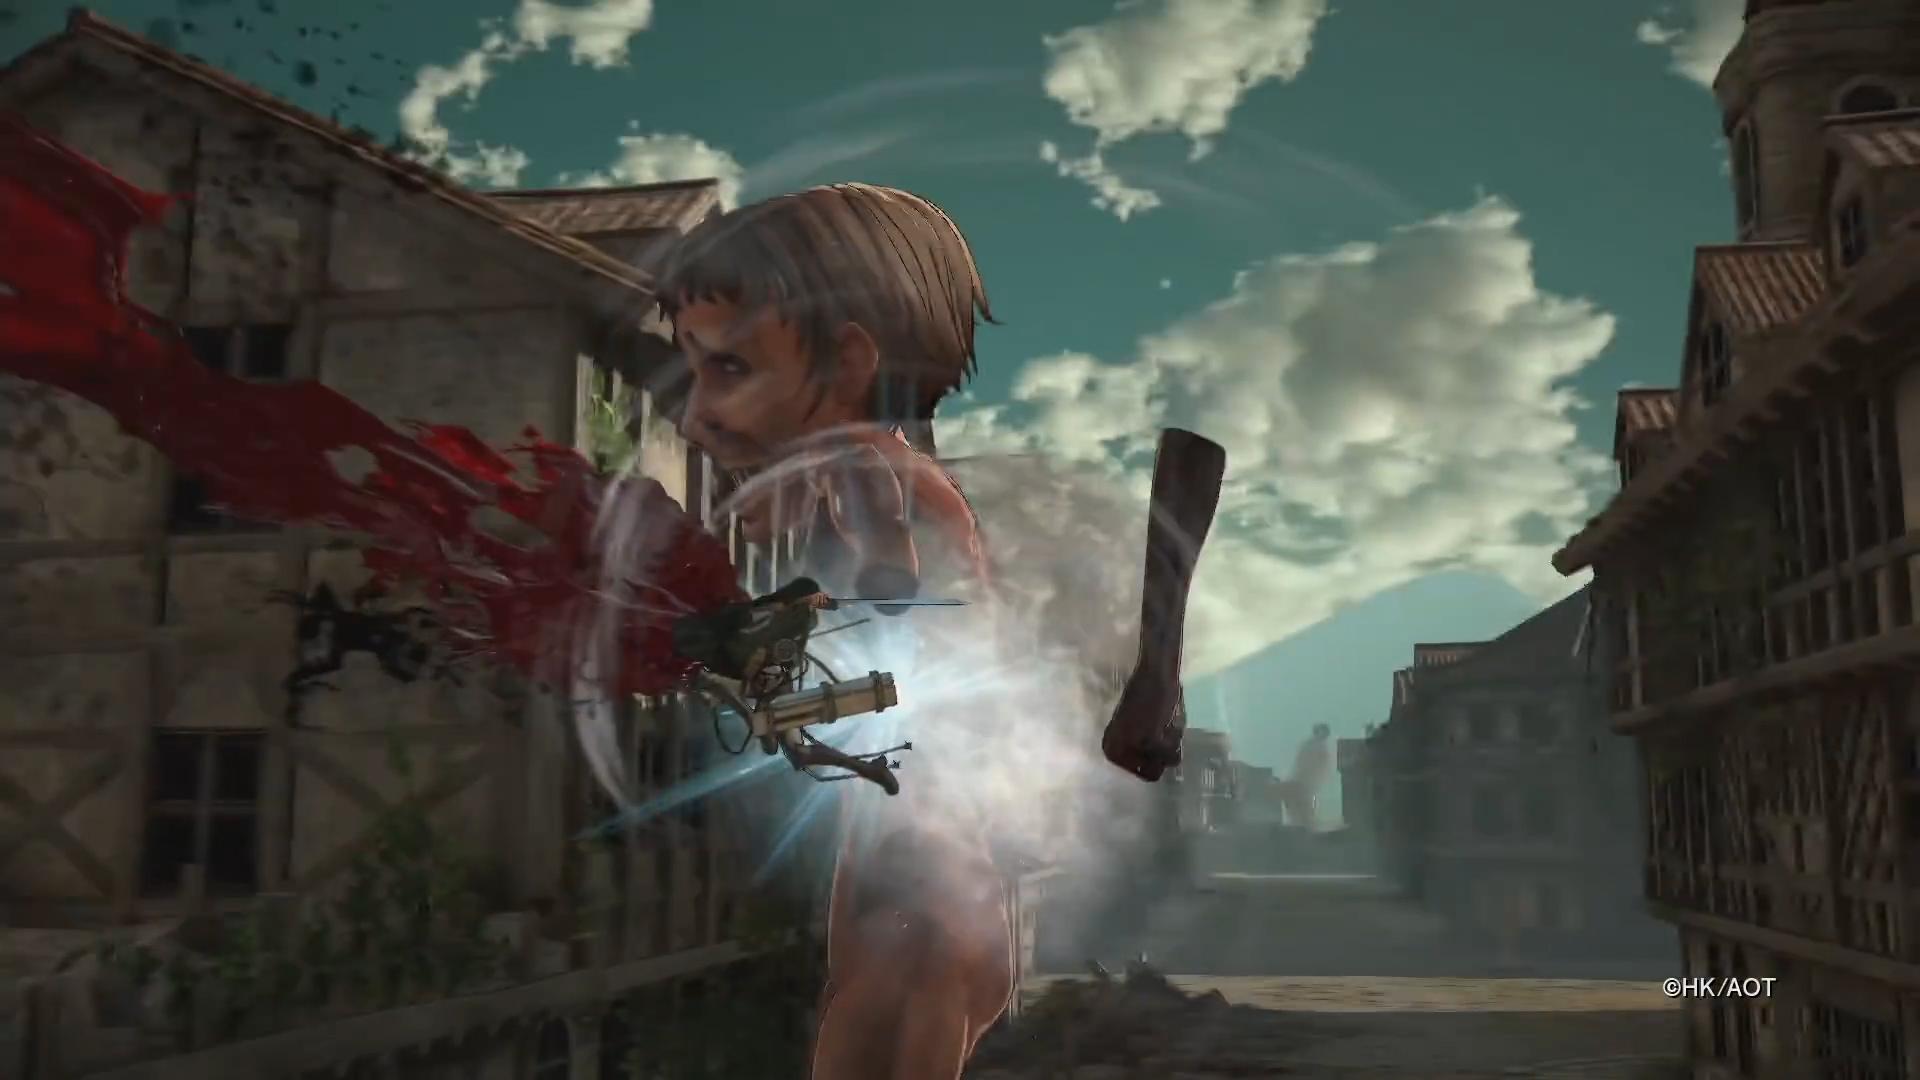 Anime Wallpaper For Ps Vita Attack On Titan Onrpg